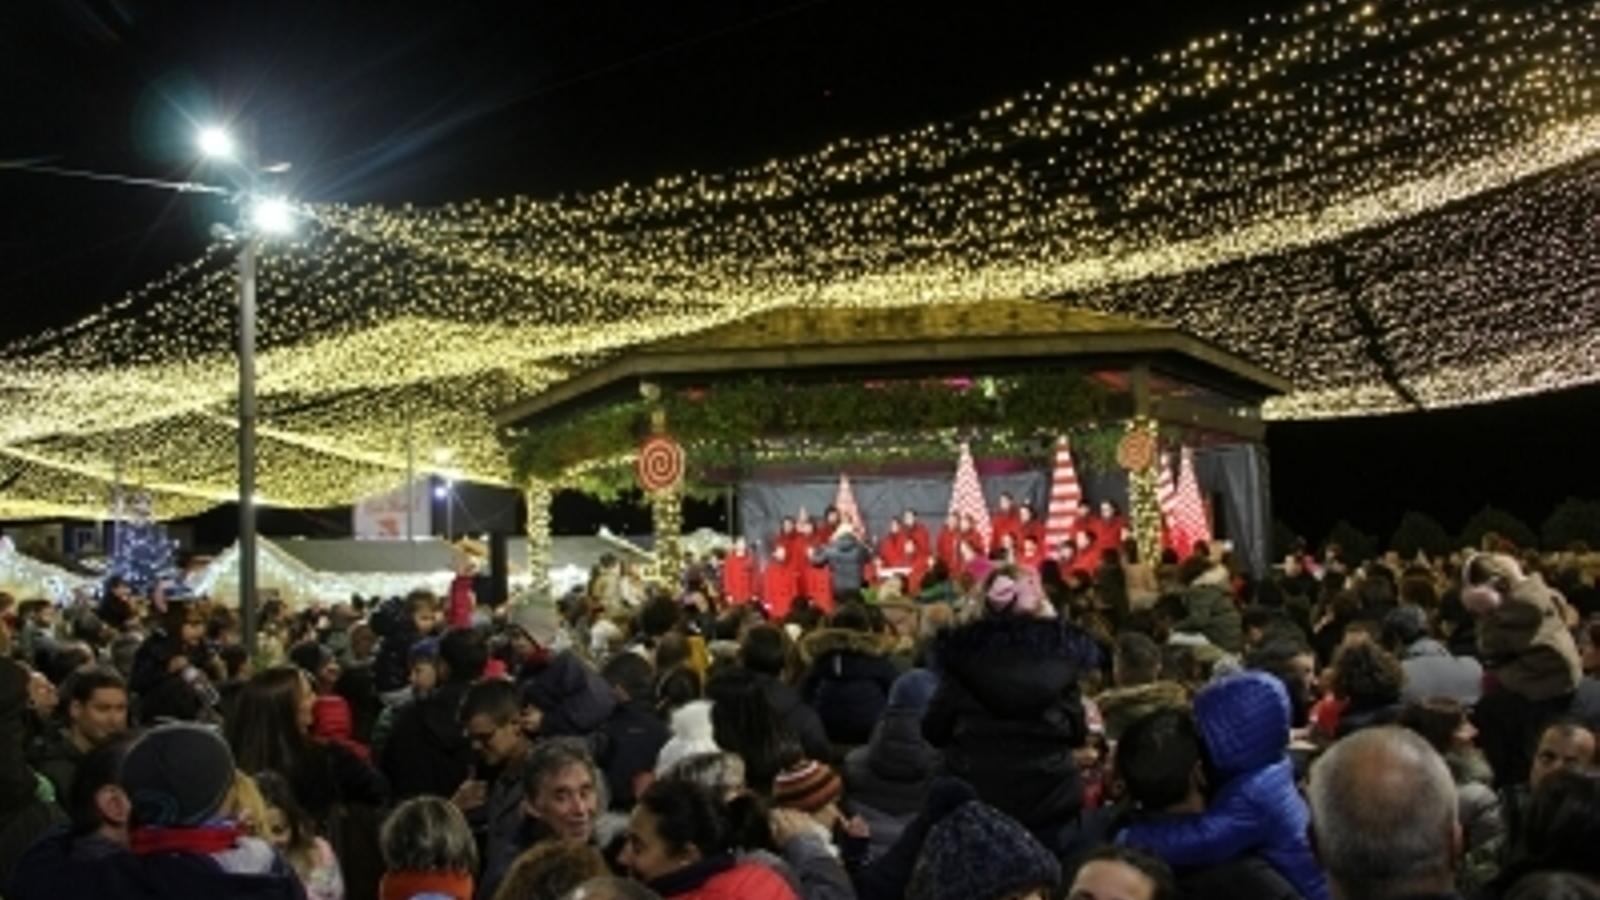 L'encesa de llums a Andorra la Vella, l'any passat. / ARXIU ANA